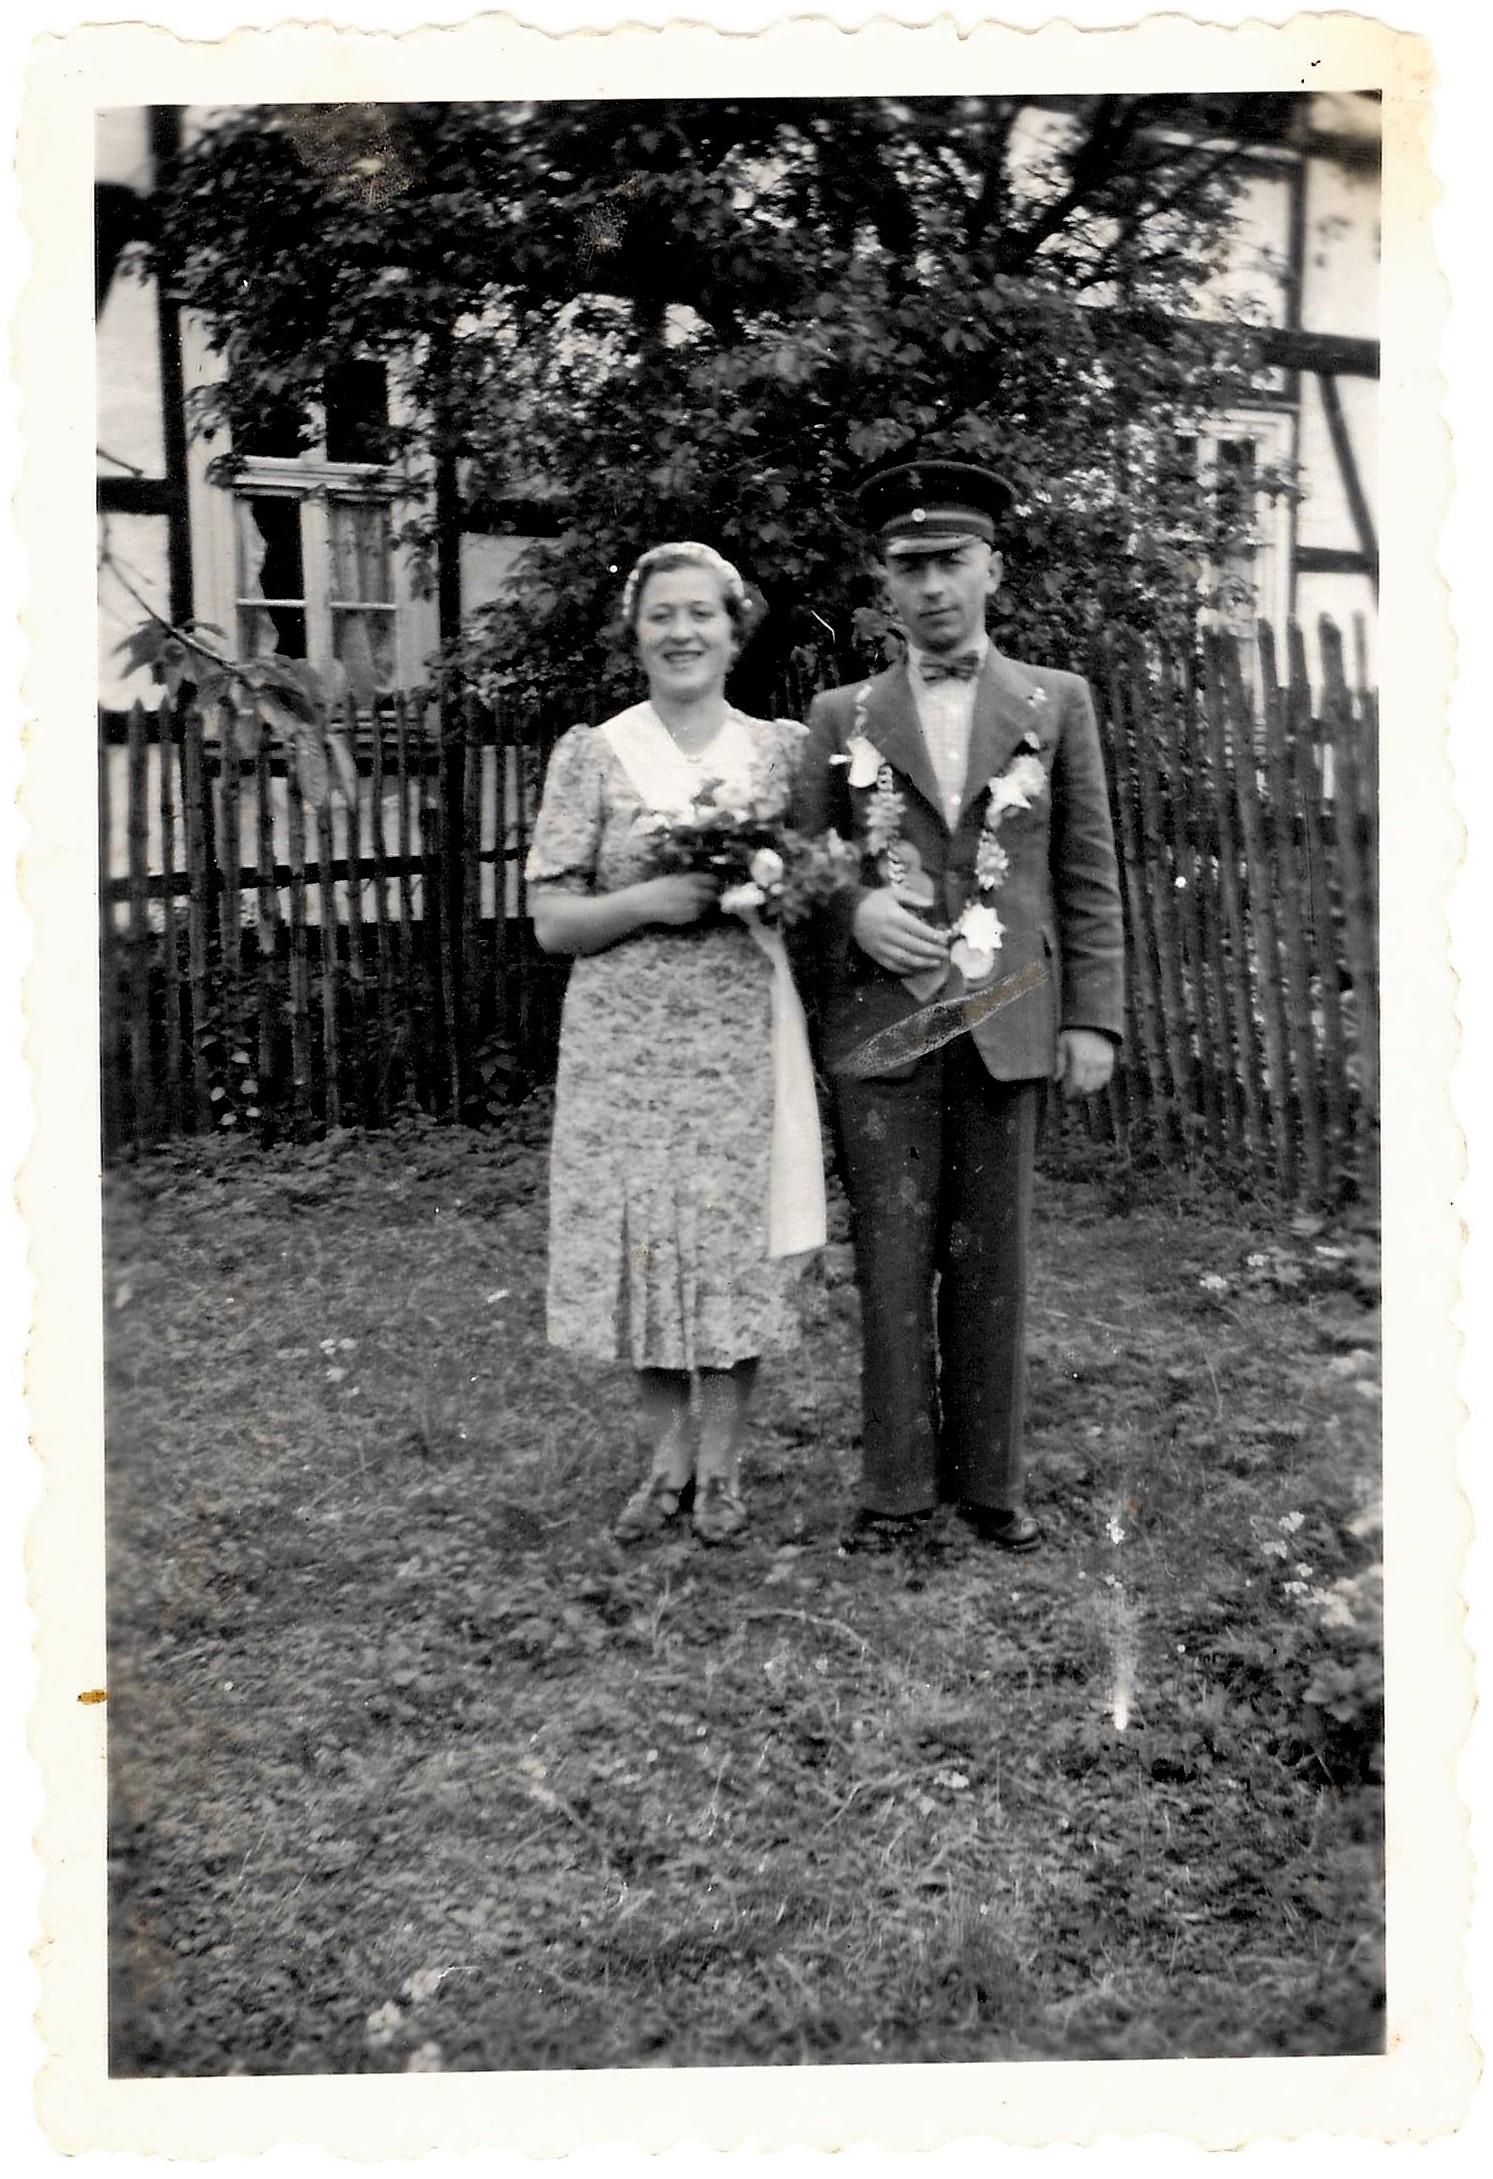 1939 Königspaar Gotffried Aufmhof und Käthe Decker